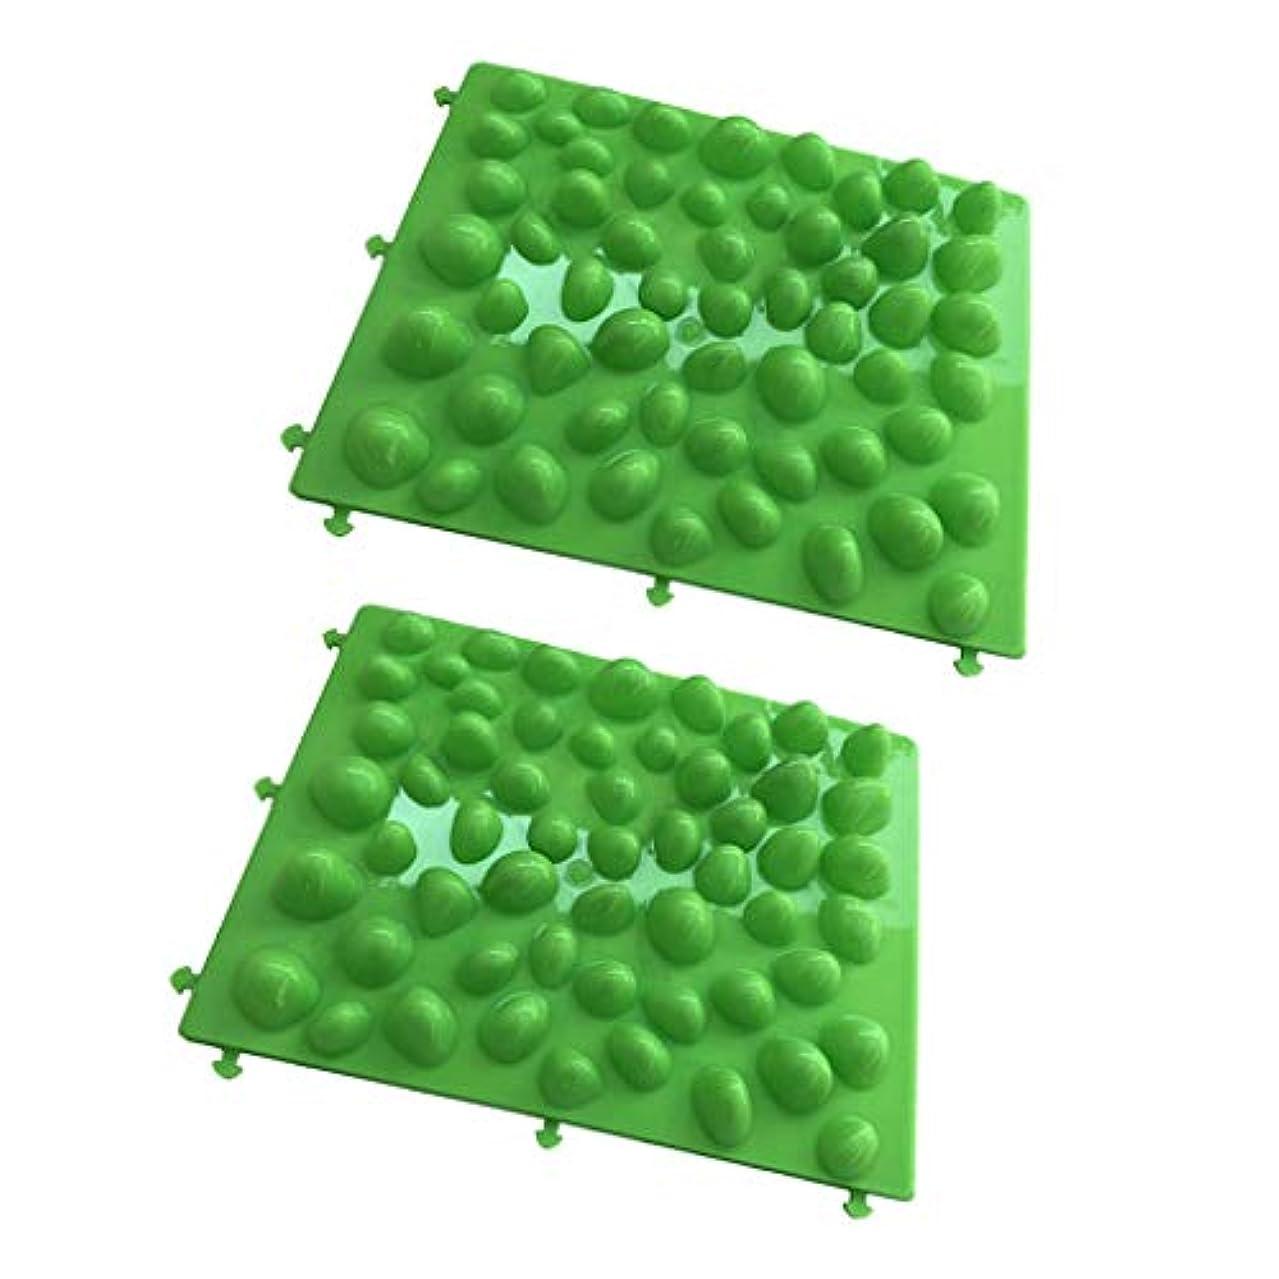 ガウン酸化物同種の2個 フットマッサージパッド 足つぼマッサージパッド フットマッサージ 人工石 血行促進 ツボ押し